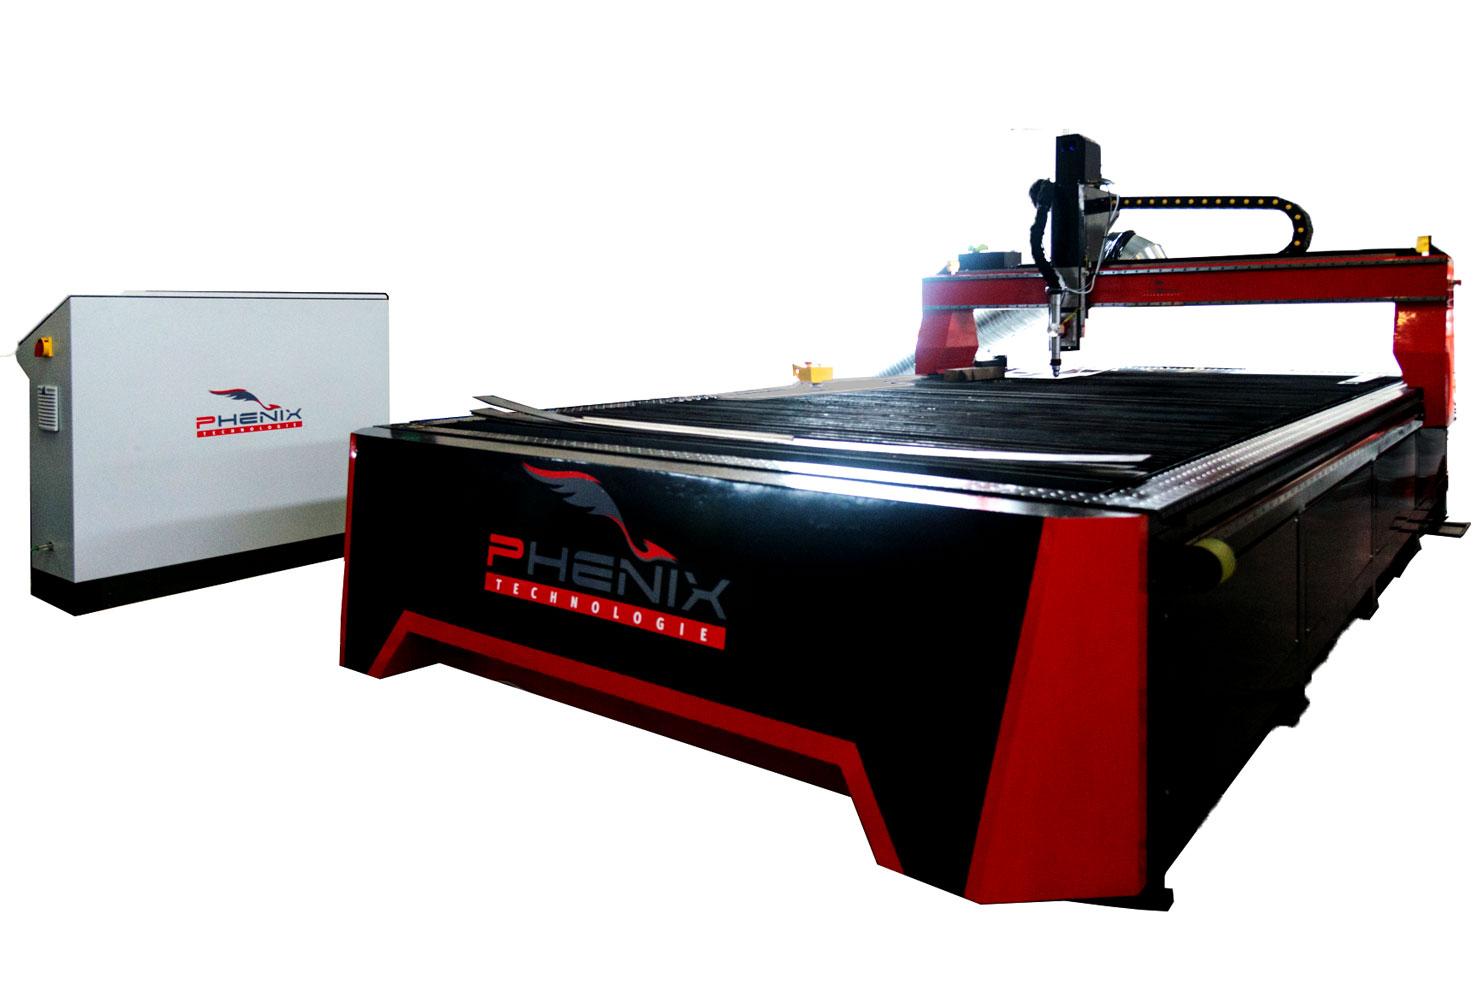 MDCUT cutting machine - Pro jet Máquina de corte por chorro de agua